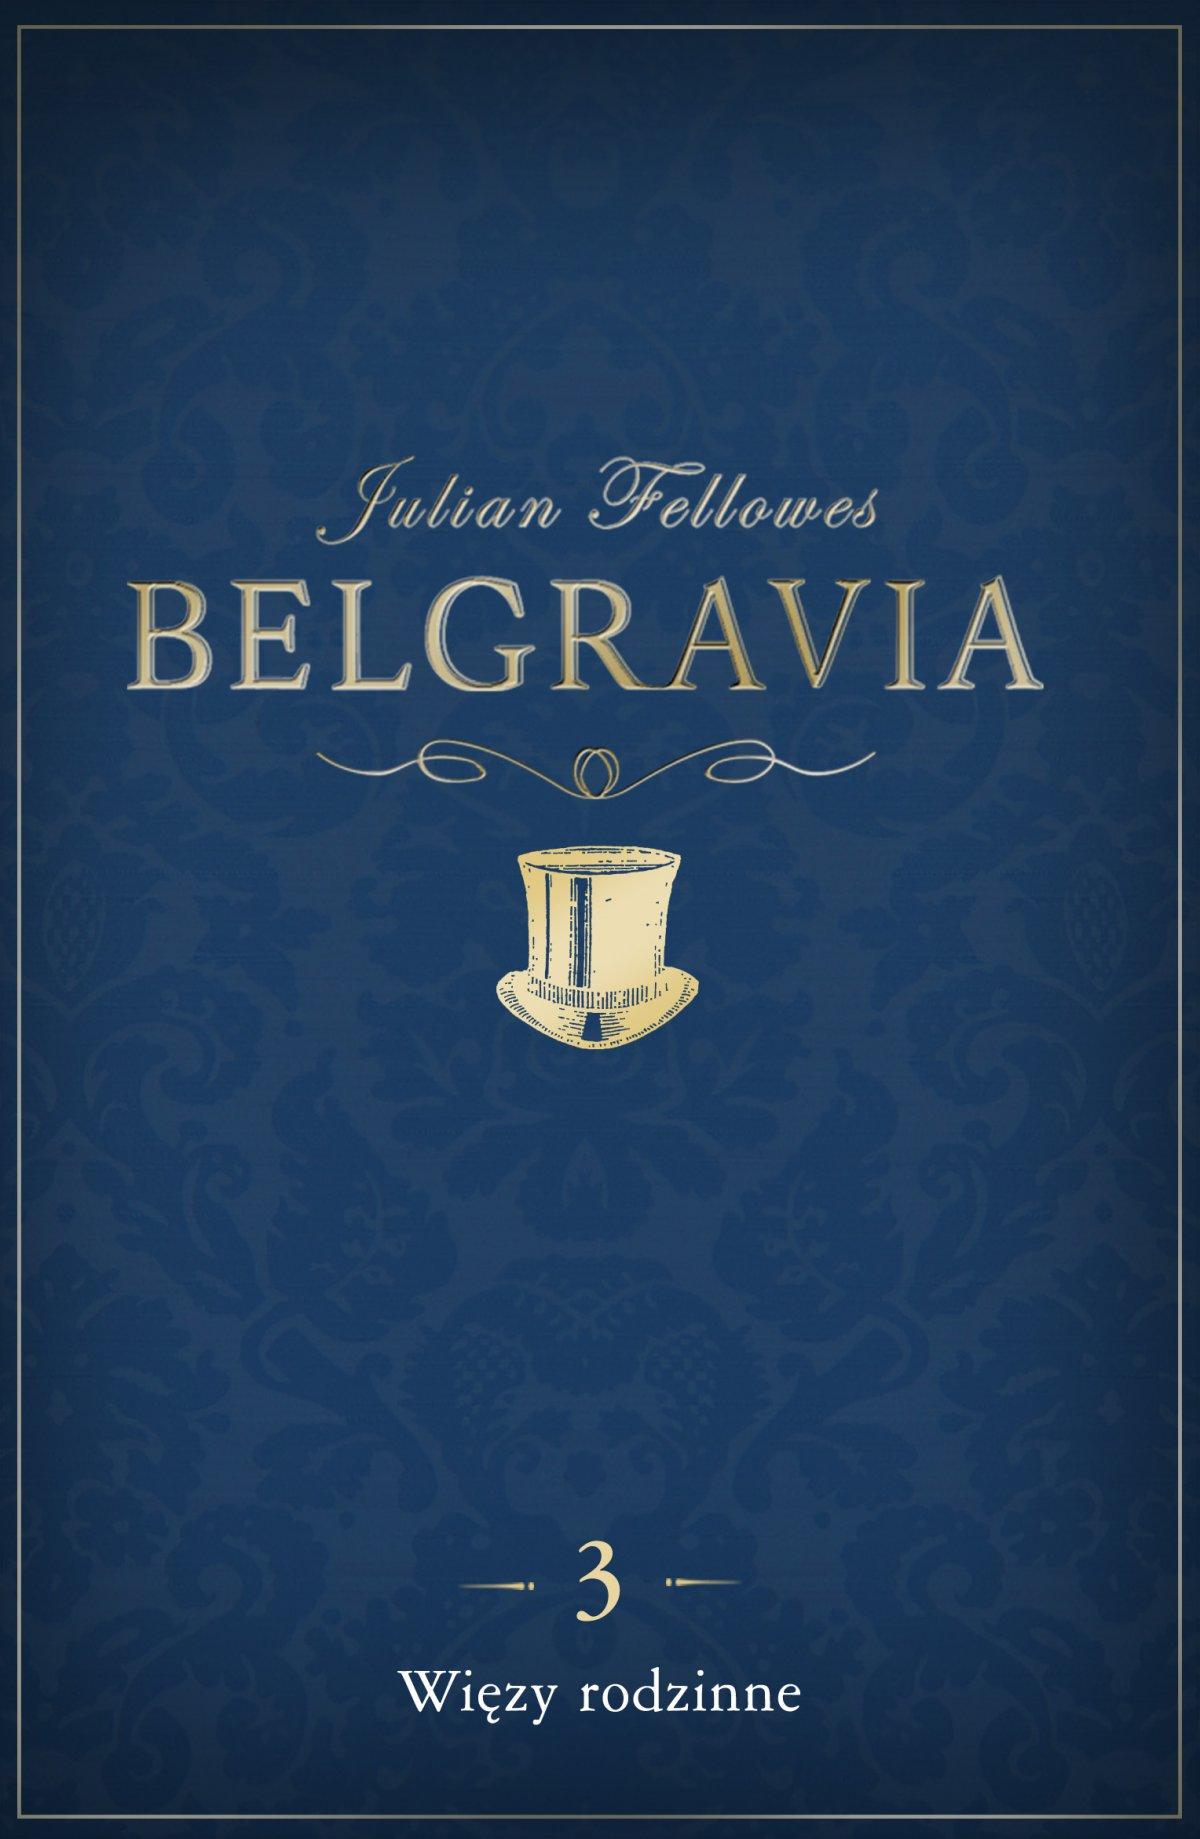 Belgravia Więzy rodzinne. Odcinek 3 - Ebook (Książka na Kindle) do pobrania w formacie MOBI